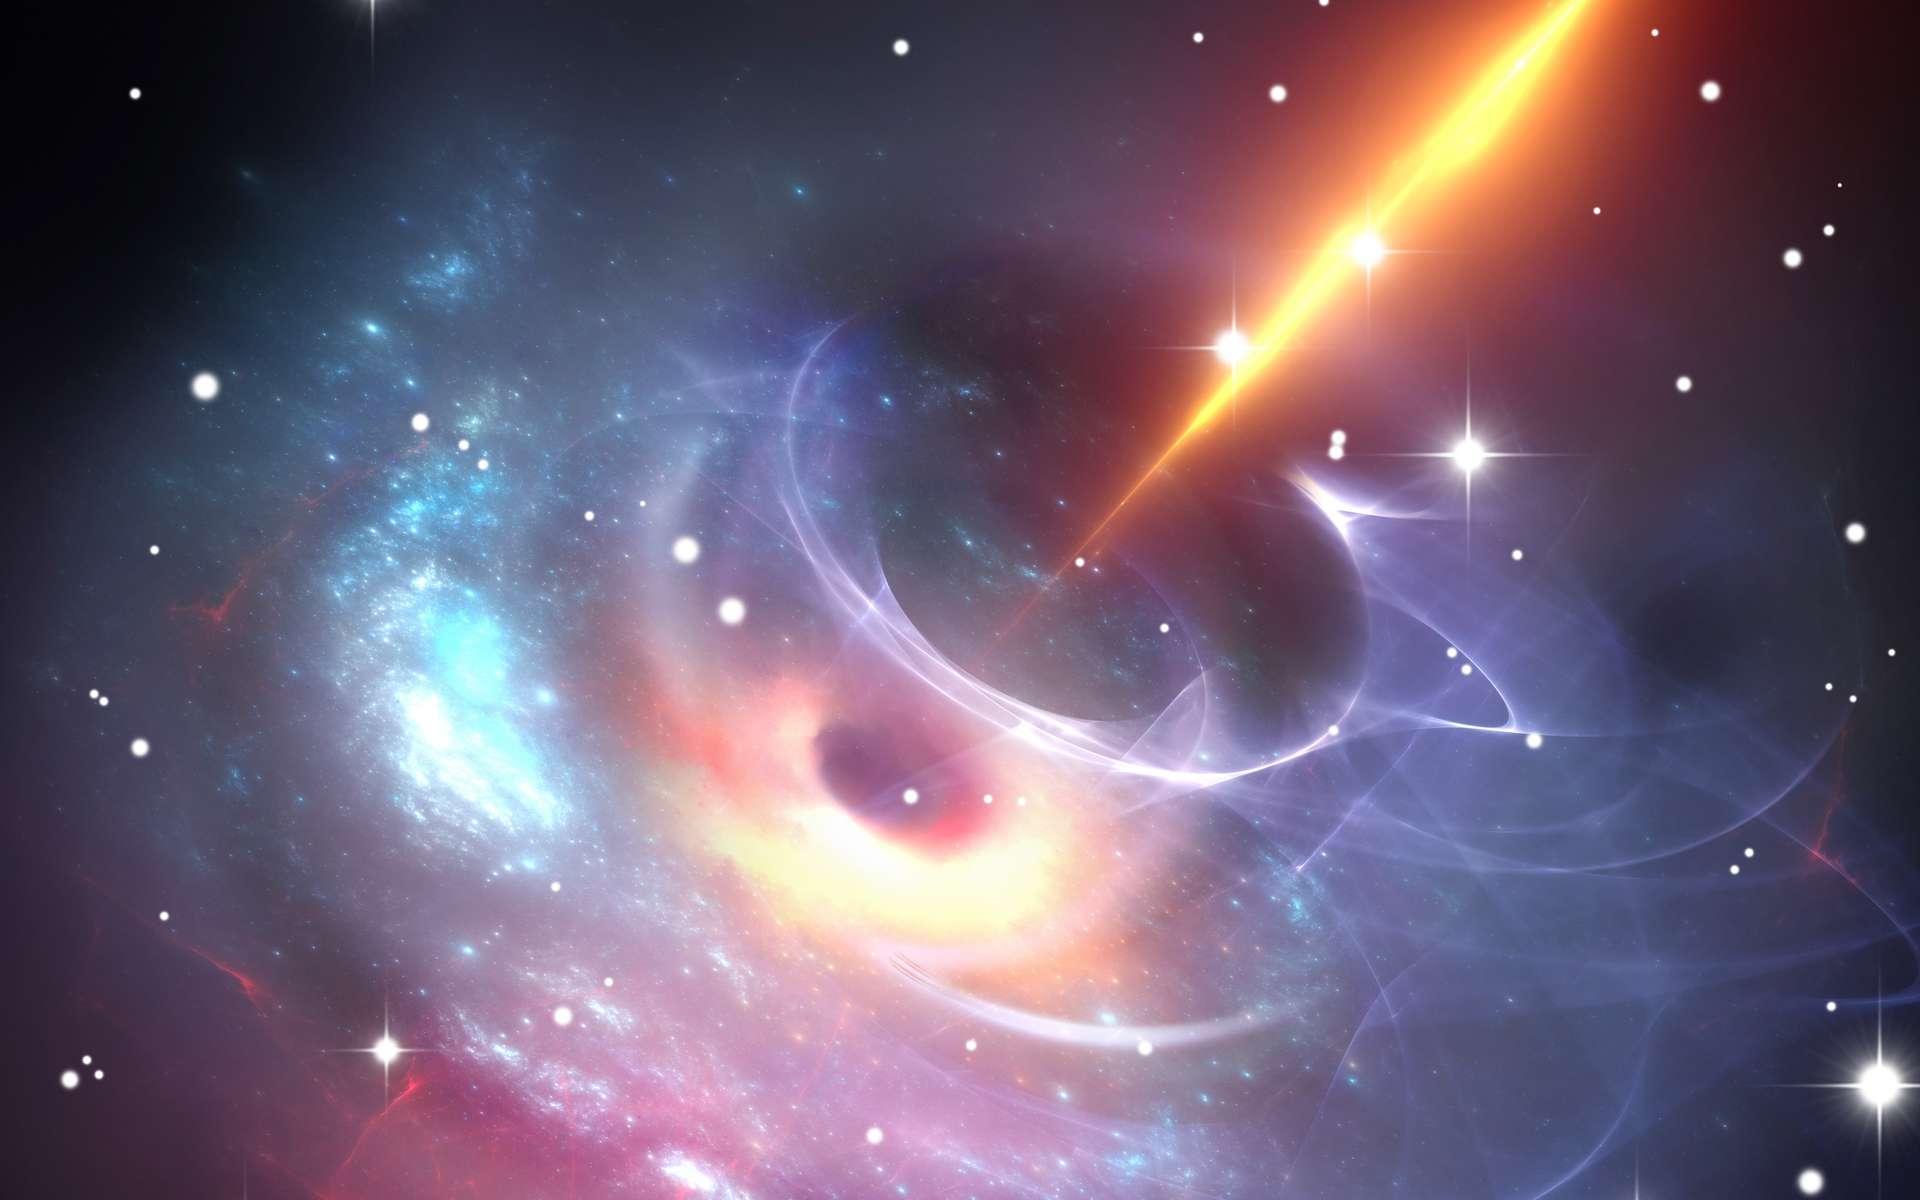 Des chercheurs de l'Institut national d'astrophysique italien de Milan ont observé le blazar le plus lointain jamais observé. Il se situe à 12,8 milliards d'années-lumière de notre Terre. Ici, une vue d'artiste d'un blazar. © Peter Jurik, Adobe Stock